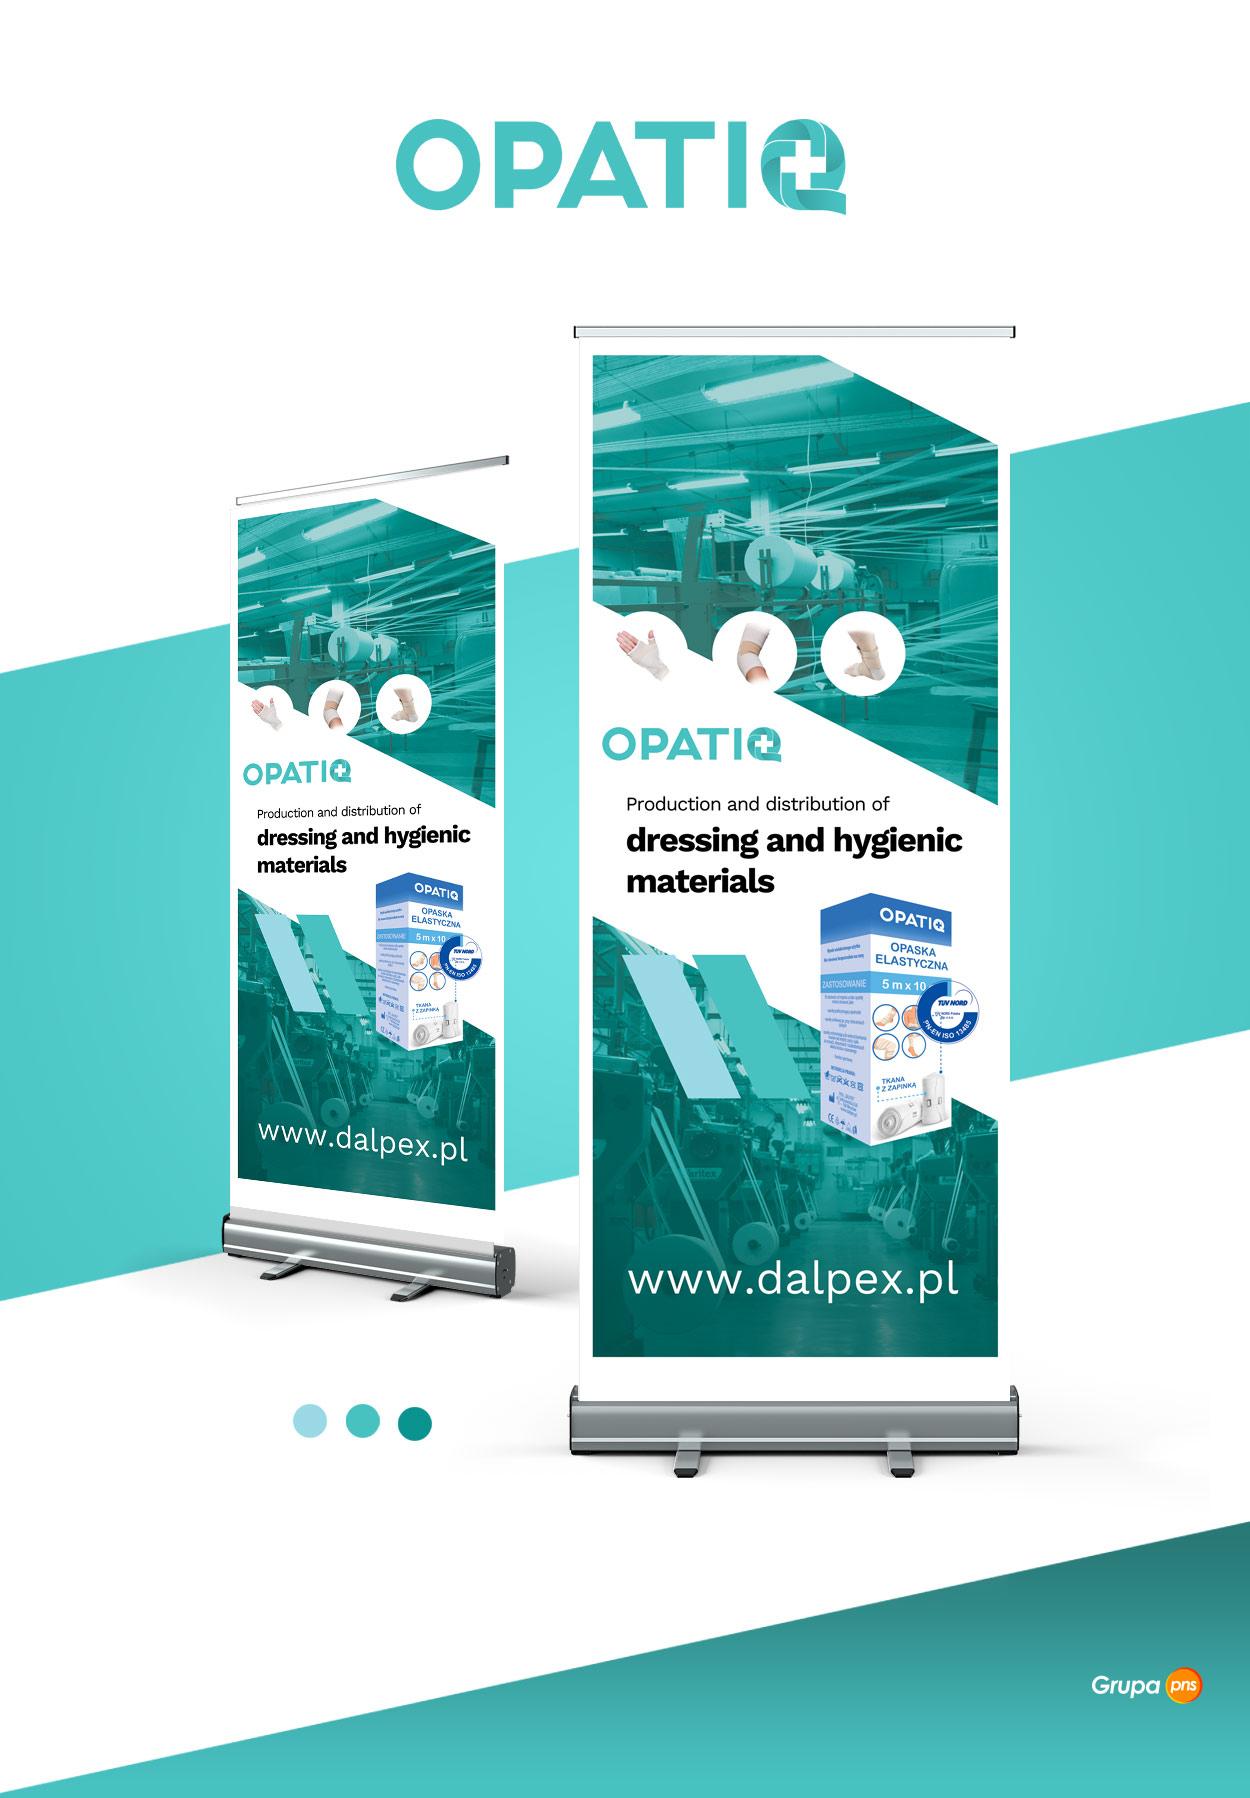 projekt-graficzny-rollup-reklamwy-opatiq